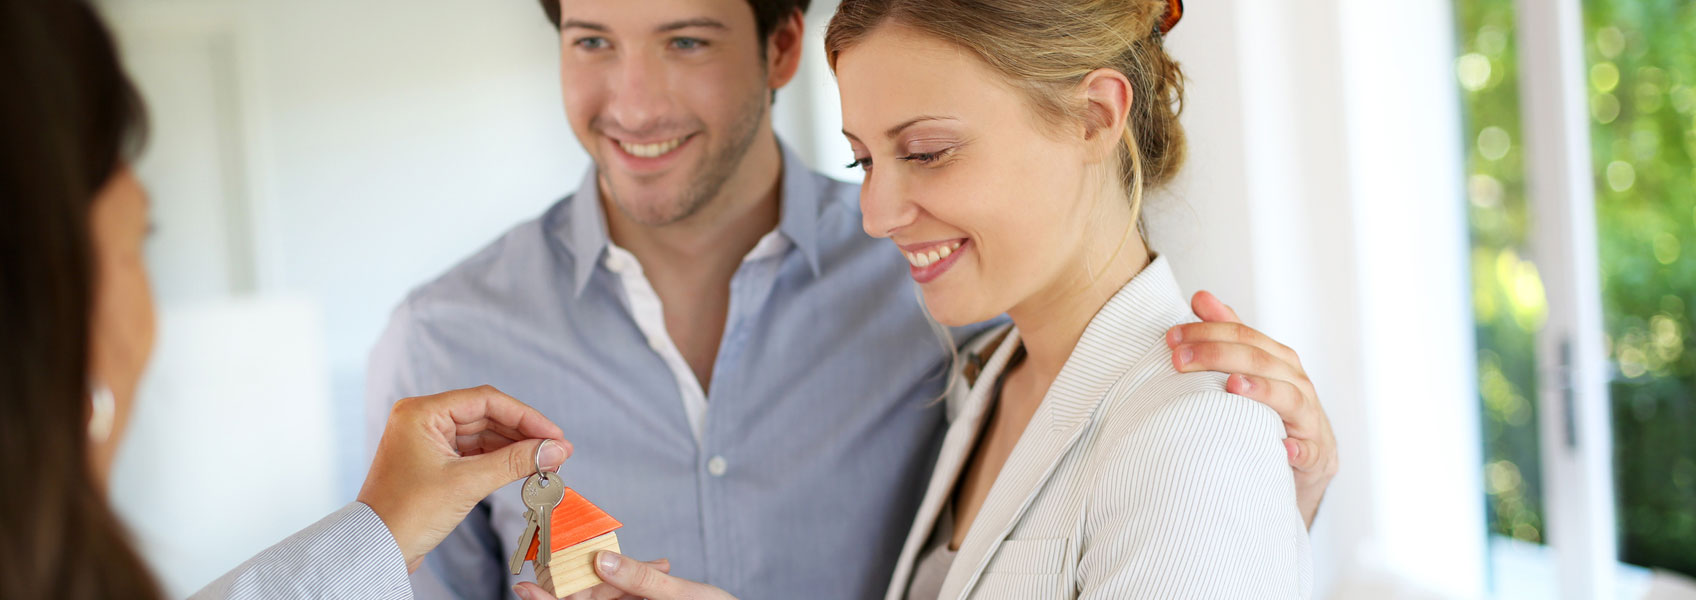 Le marché de l'immobilier